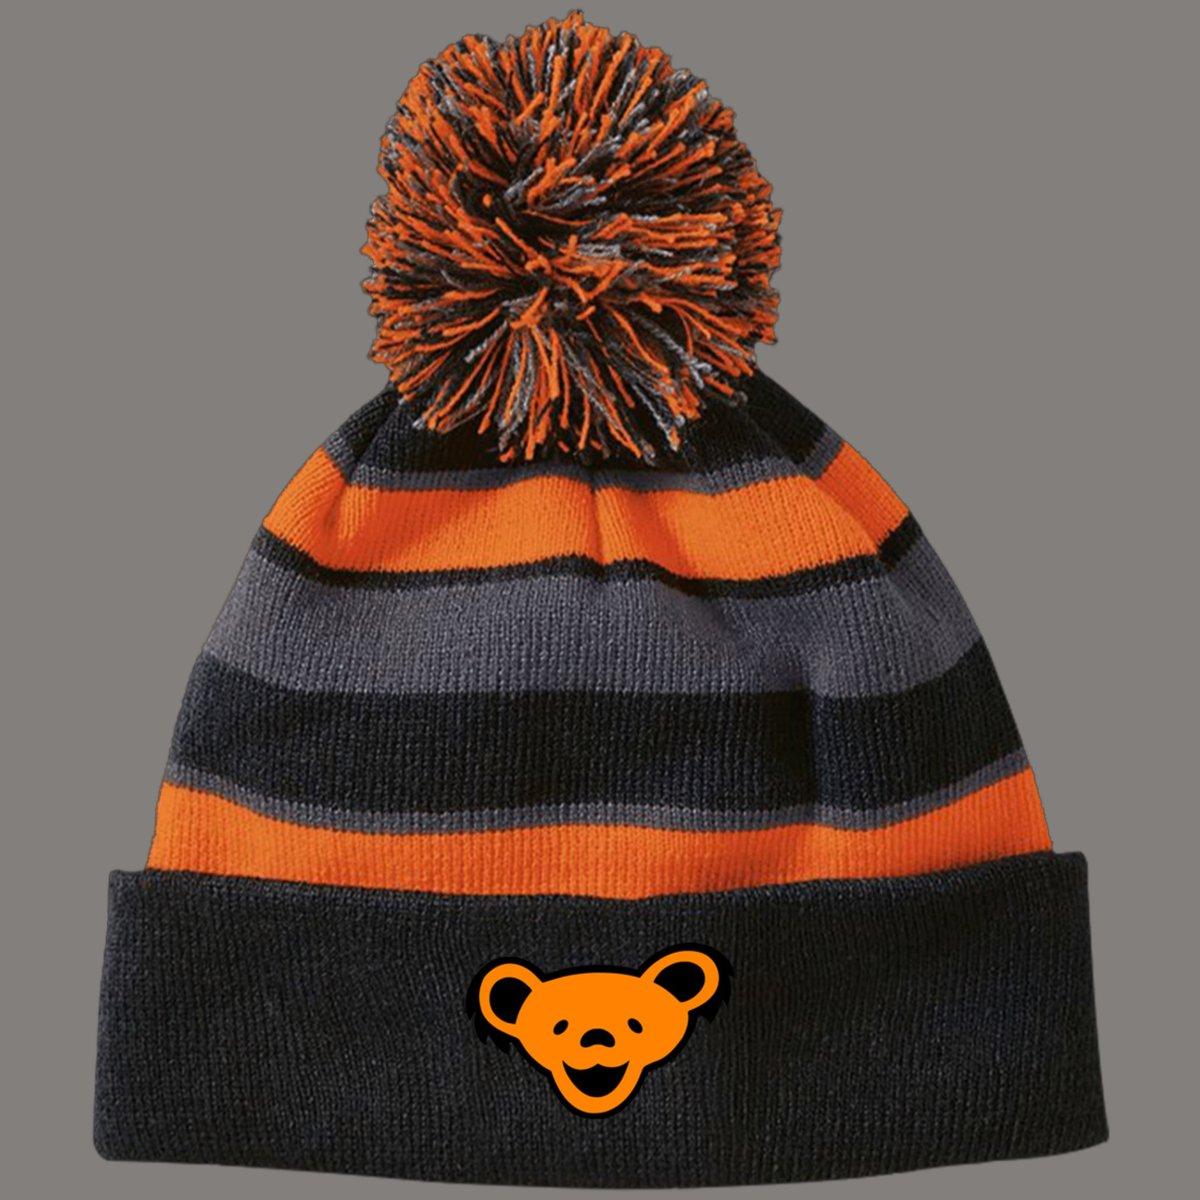 Orange and Black Striped Bear Beanie with Pom Pom!